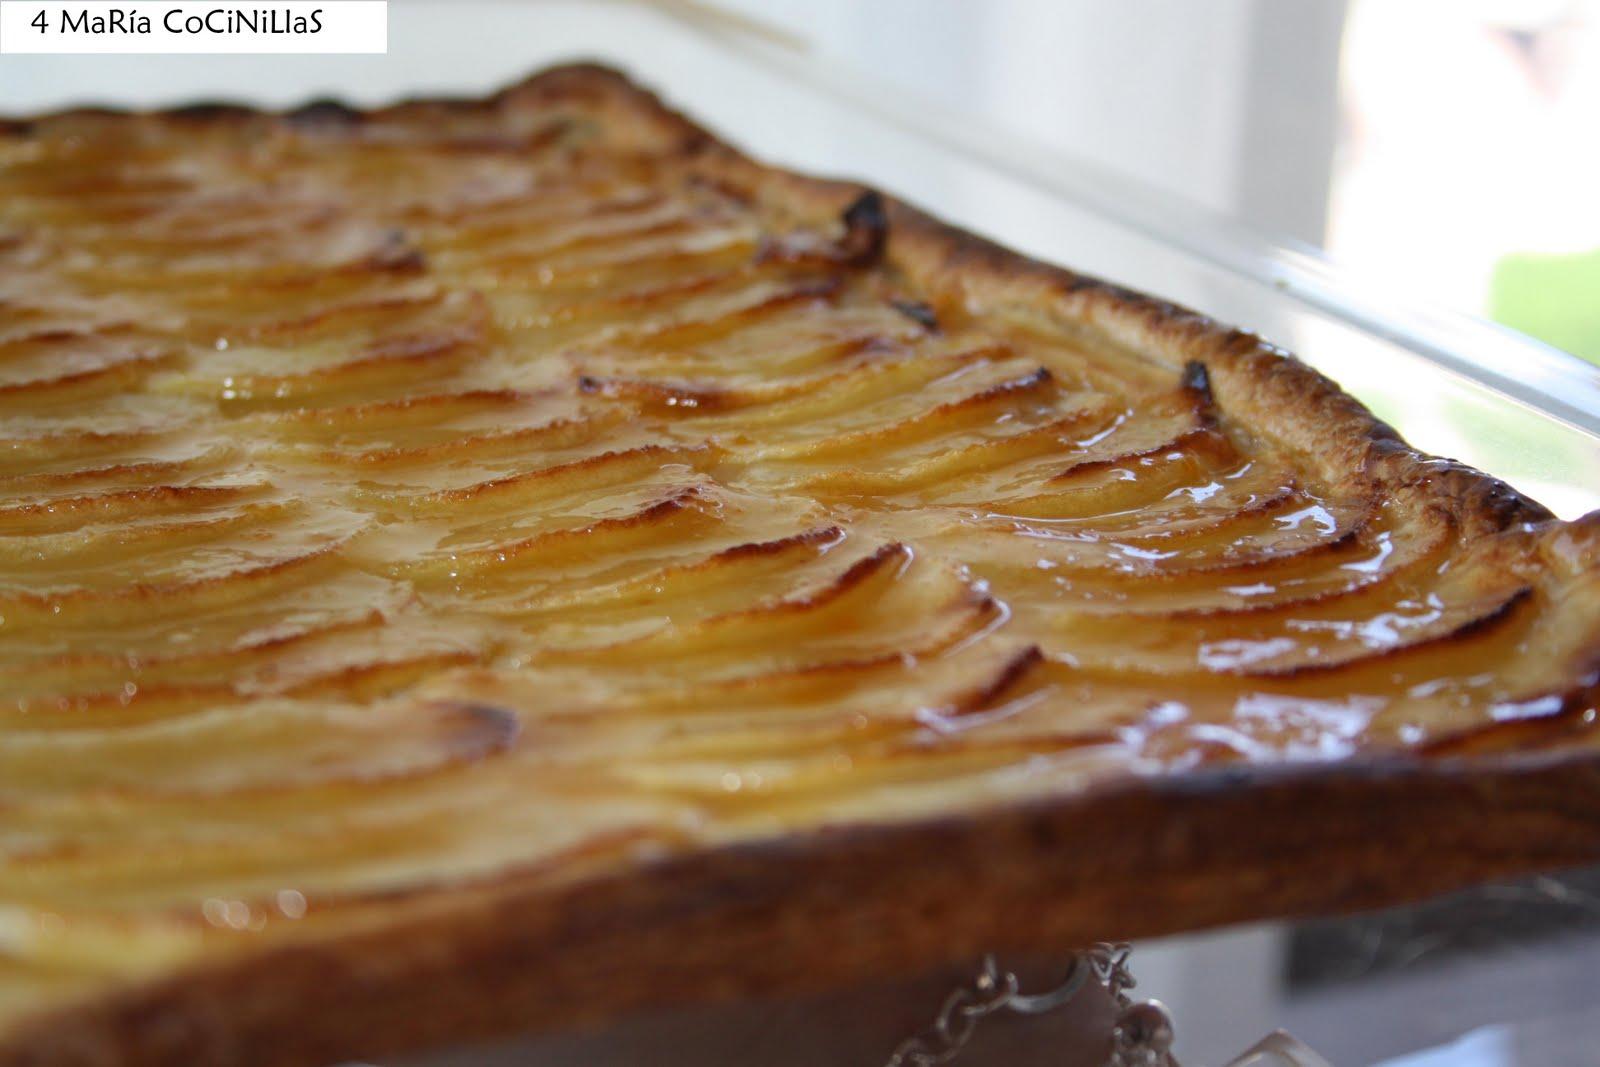 Tarta de manzana f cil y r pida las maria cocinillas - Reposteria facil y rapida ...